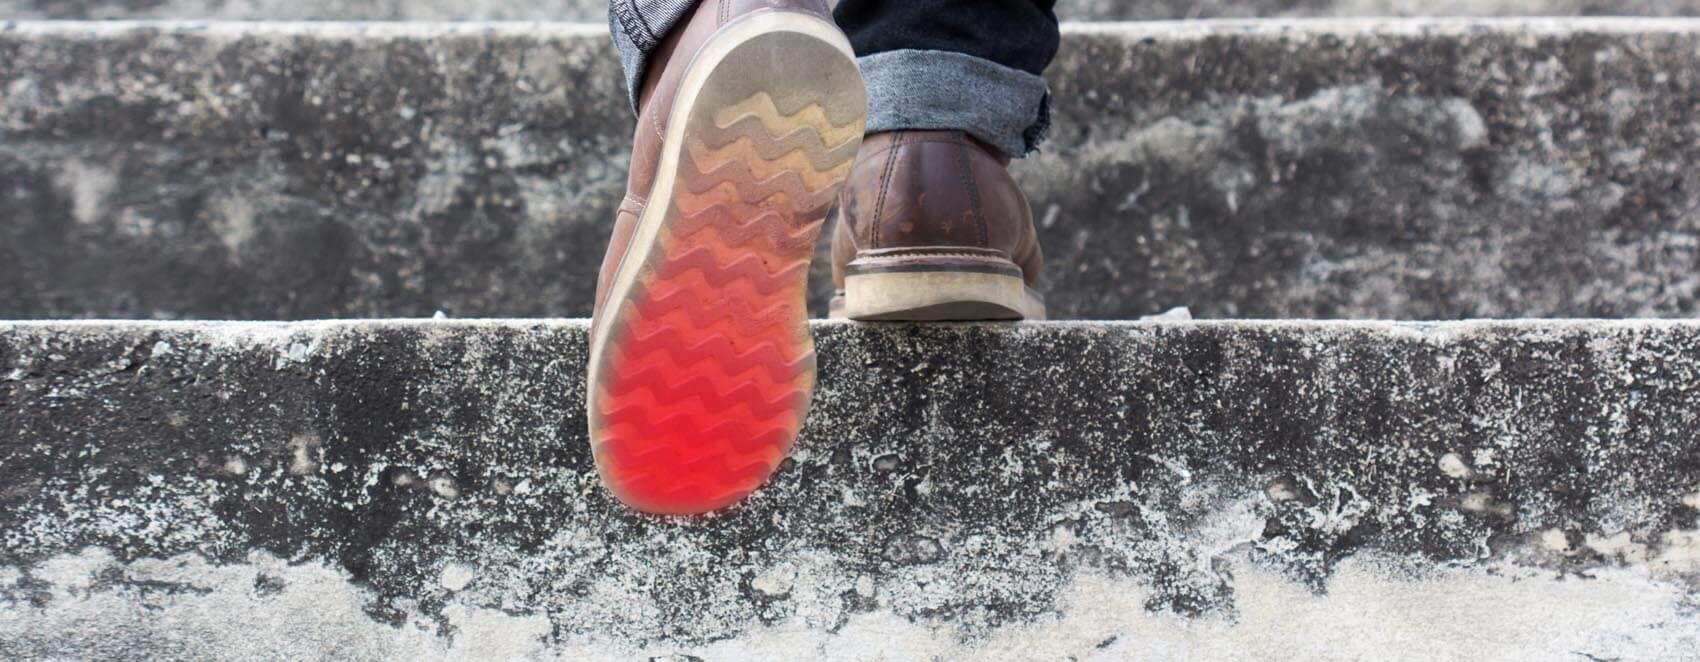 مزایای یک کفش هوشمند